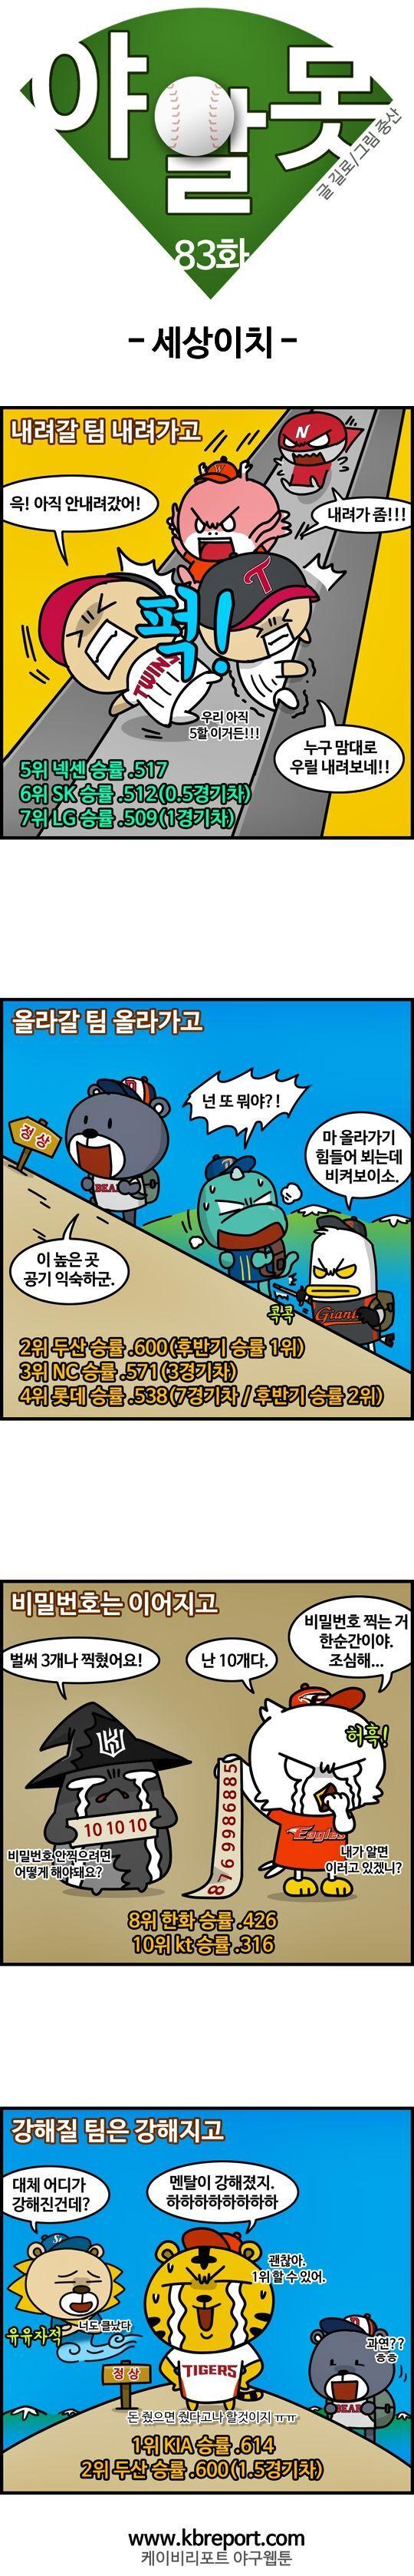 출처: [프로야구 카툰] 야알못 전편 보기